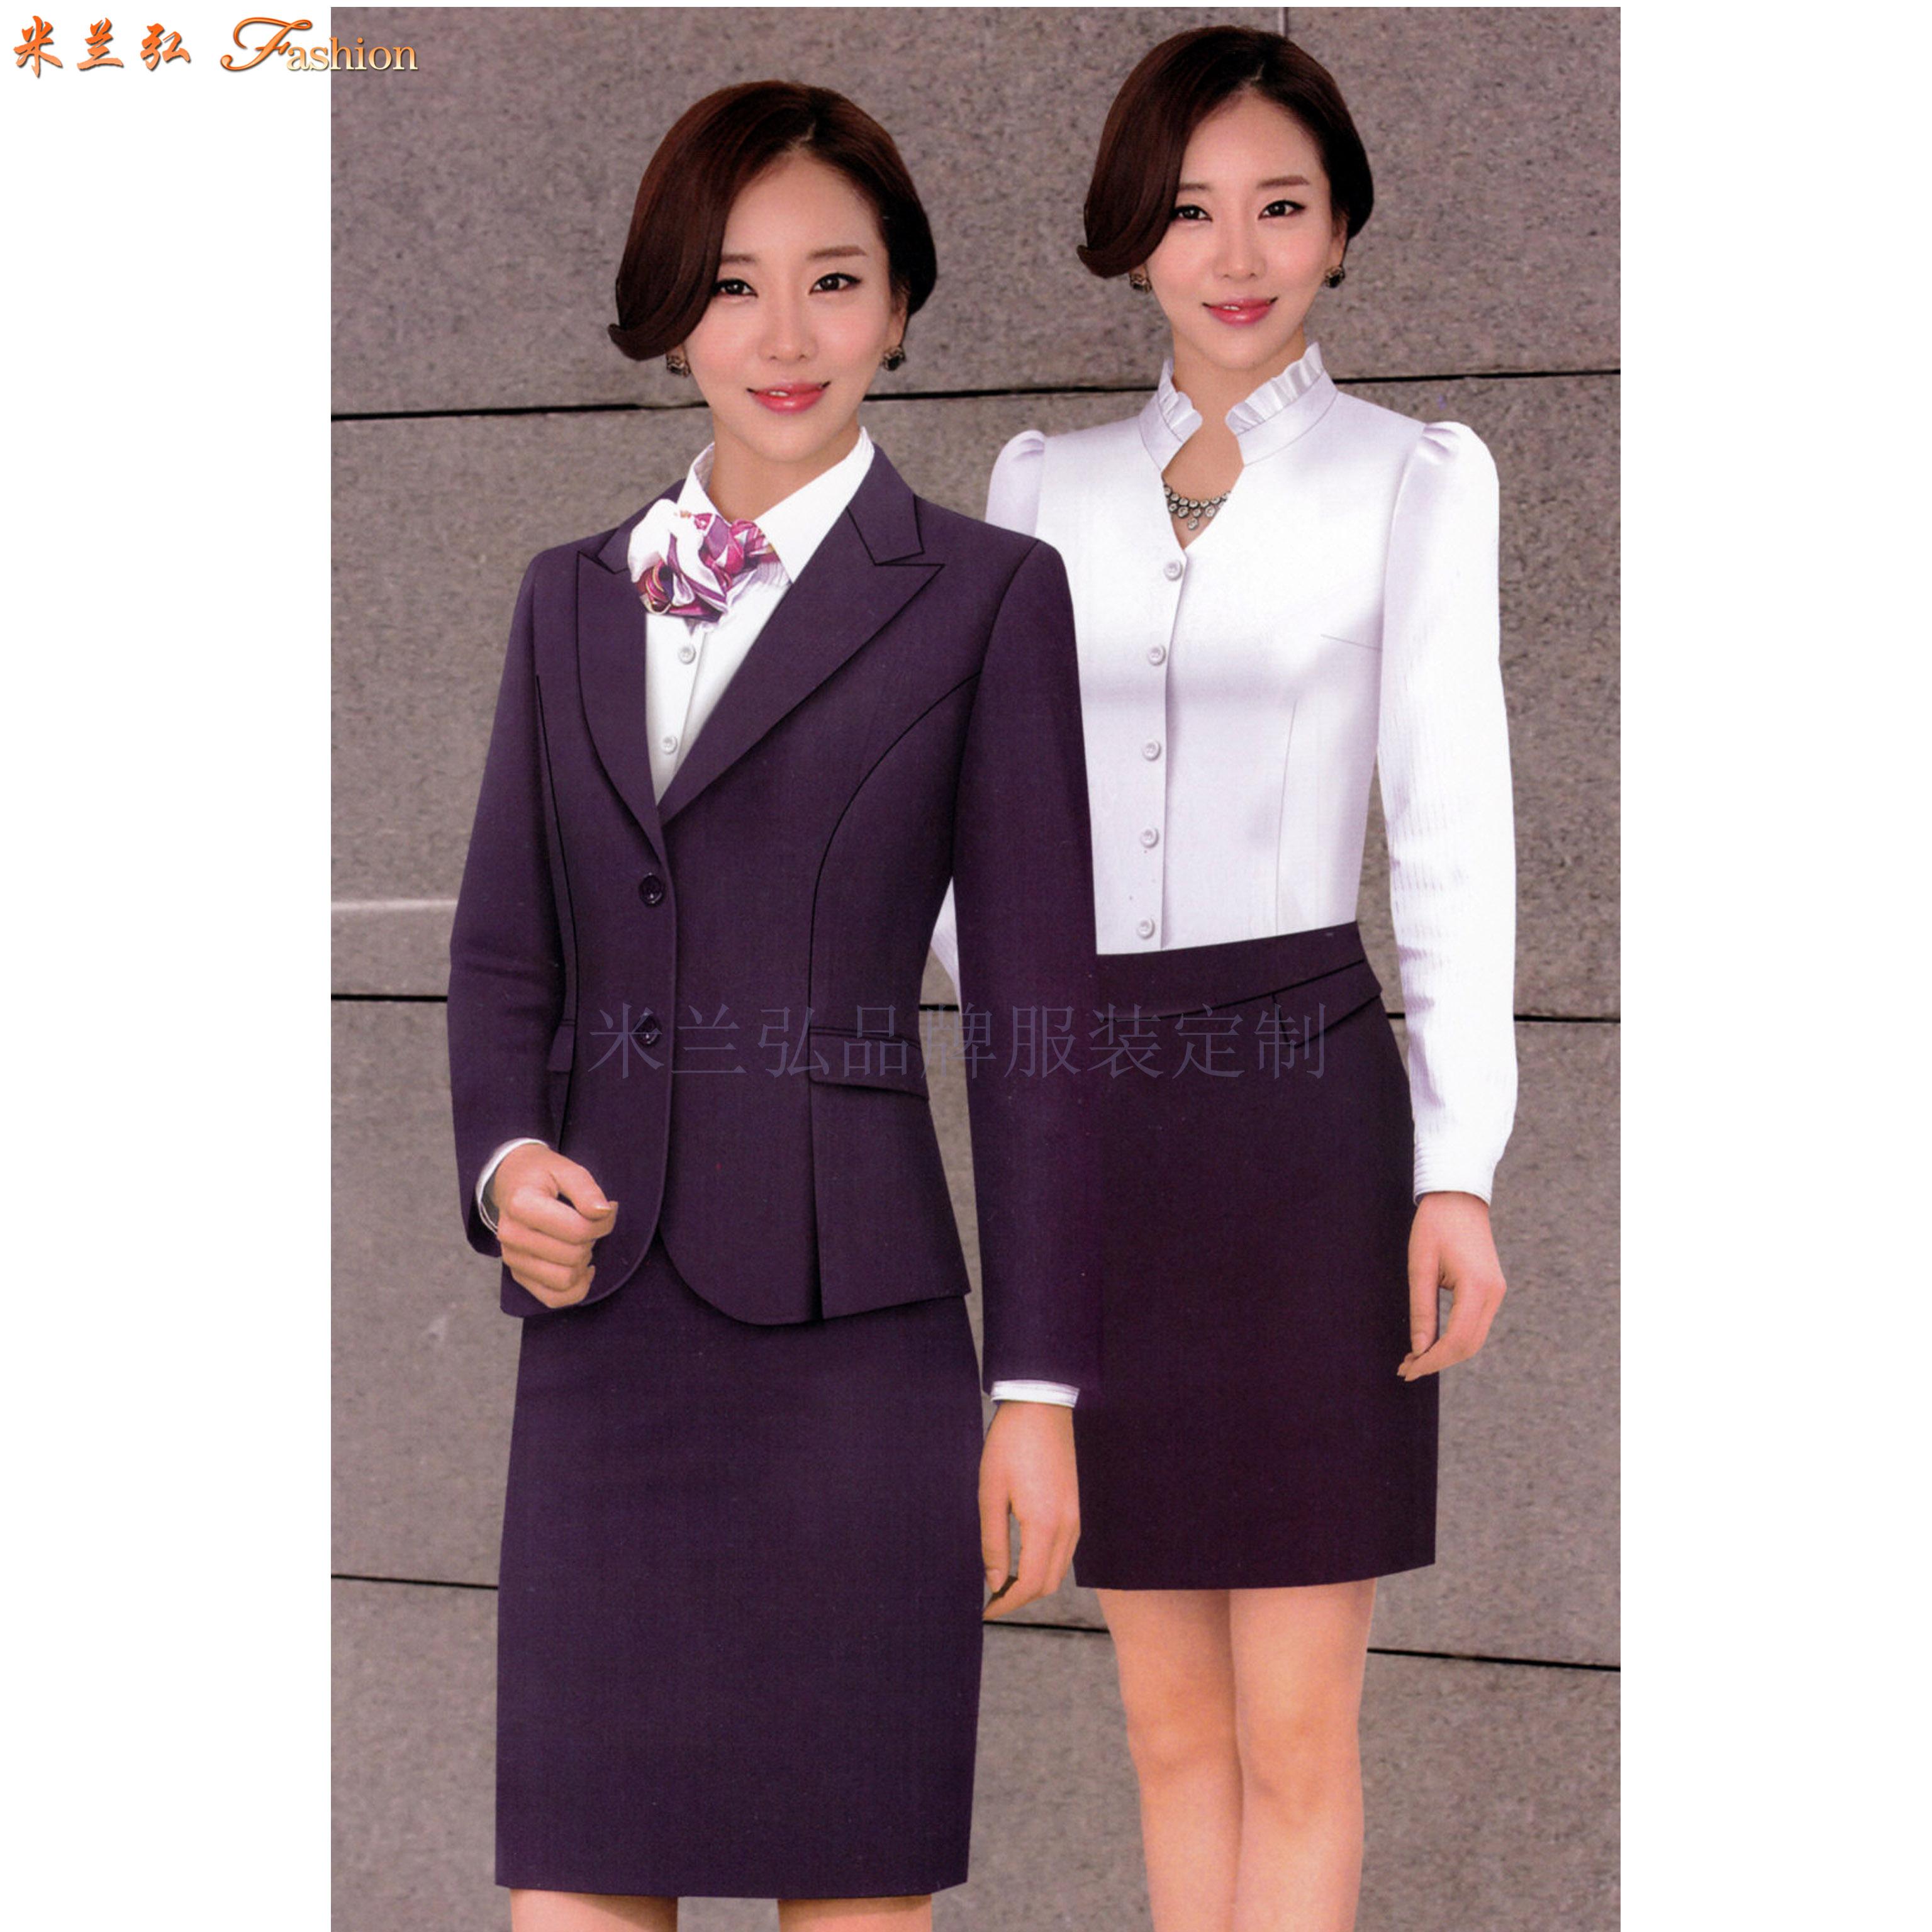 「航空職業裝」北京貨真價實航空職業裝訂做公司-米蘭弘服裝-1